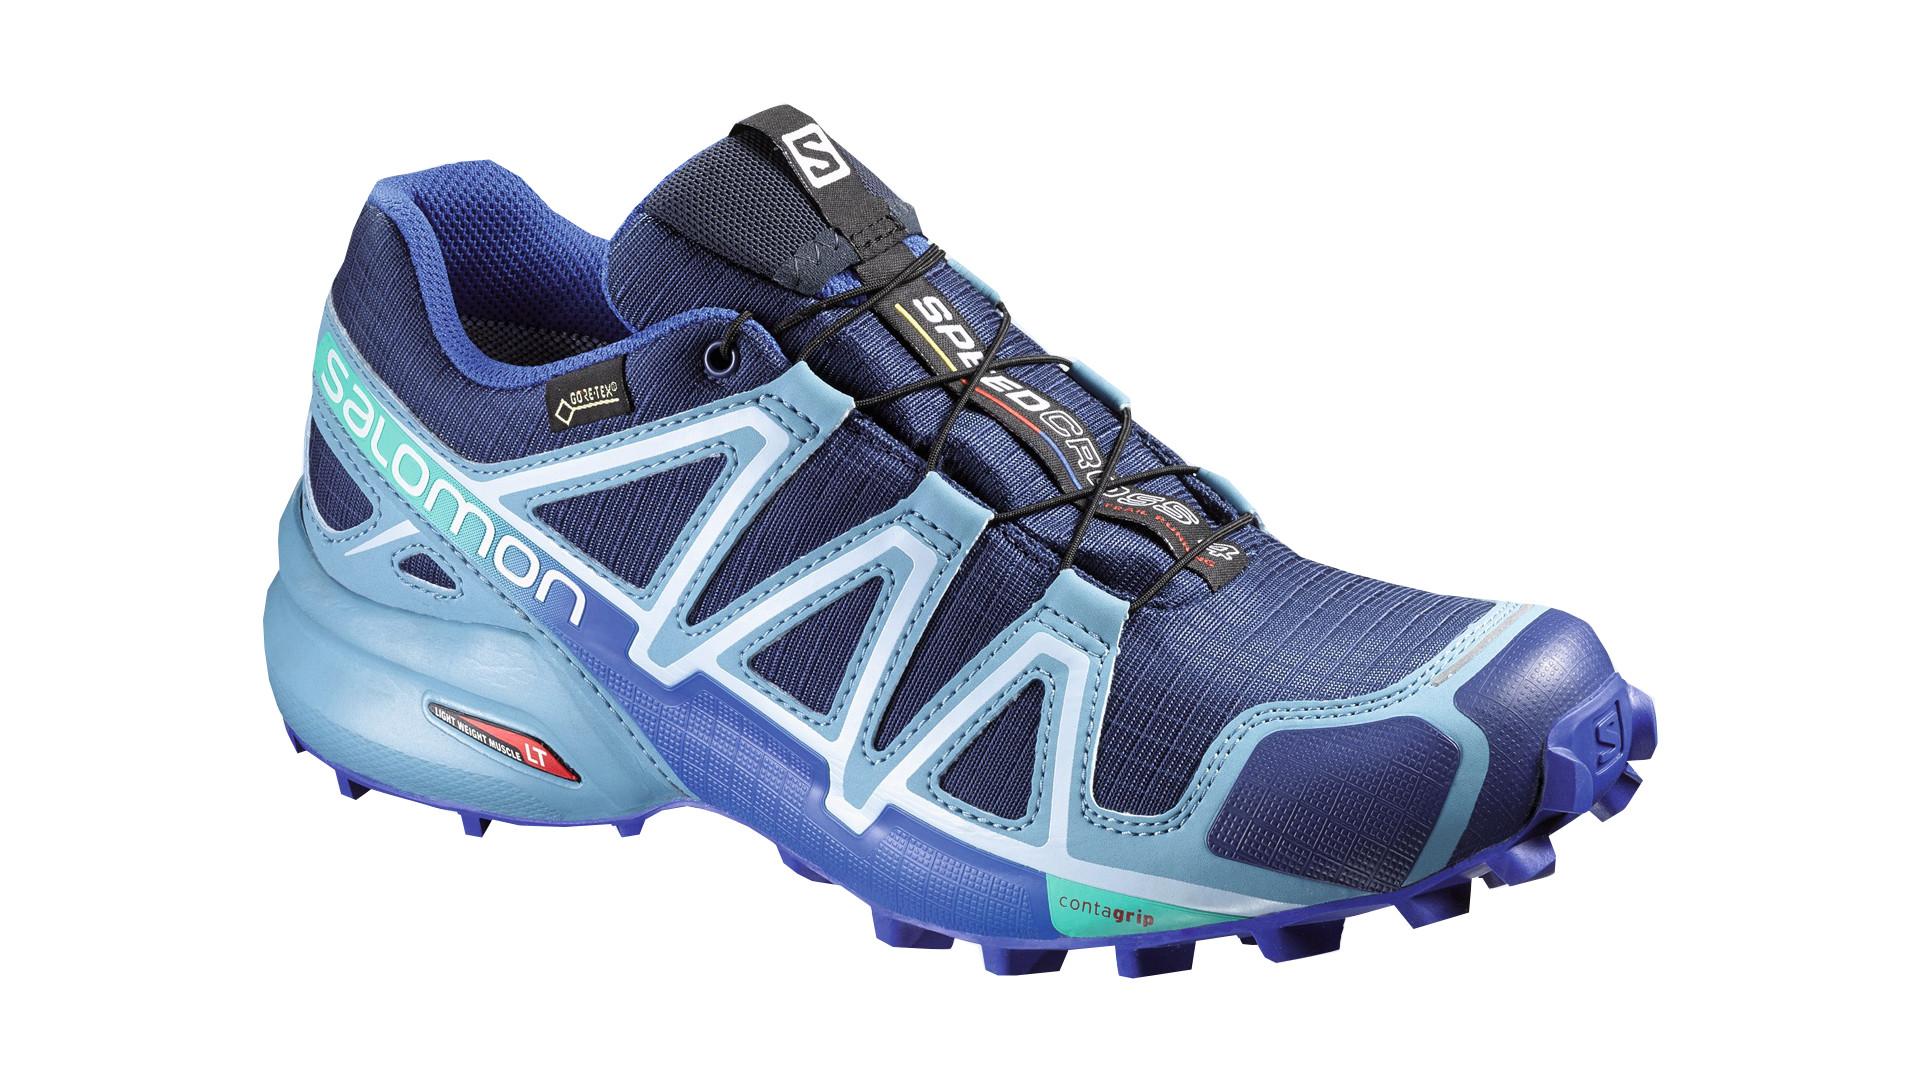 Беговые кроссовки для XC SALOMON 2016-17 SHOES SPEEDCROSS 4 GTX W Blue Кроссовки бега 1270589  - купить со скидкой